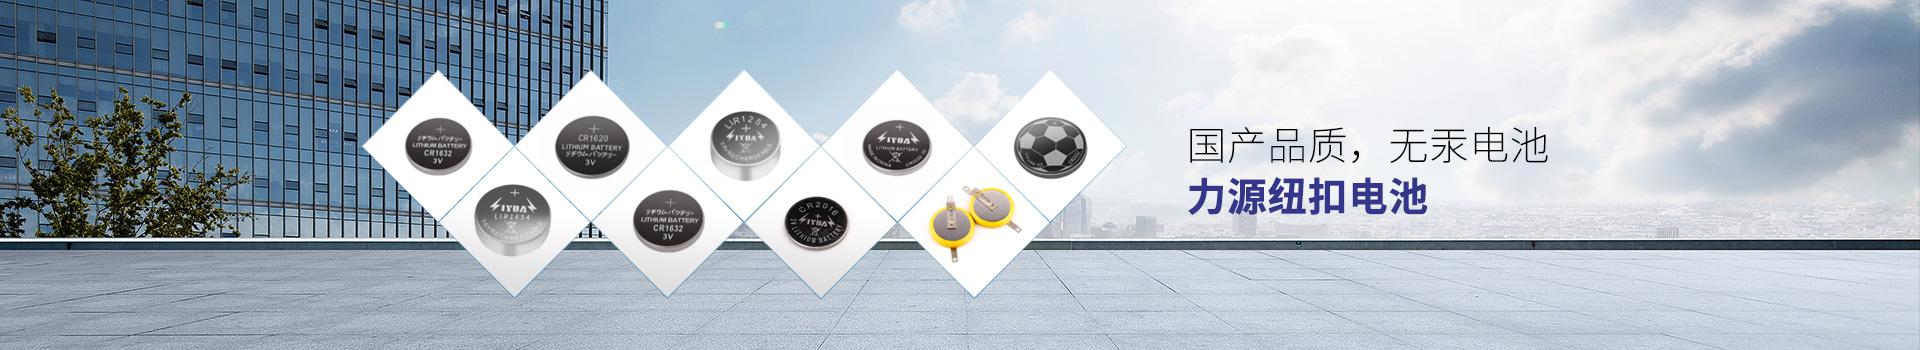 国产品质,无汞电池,力源纽扣电池